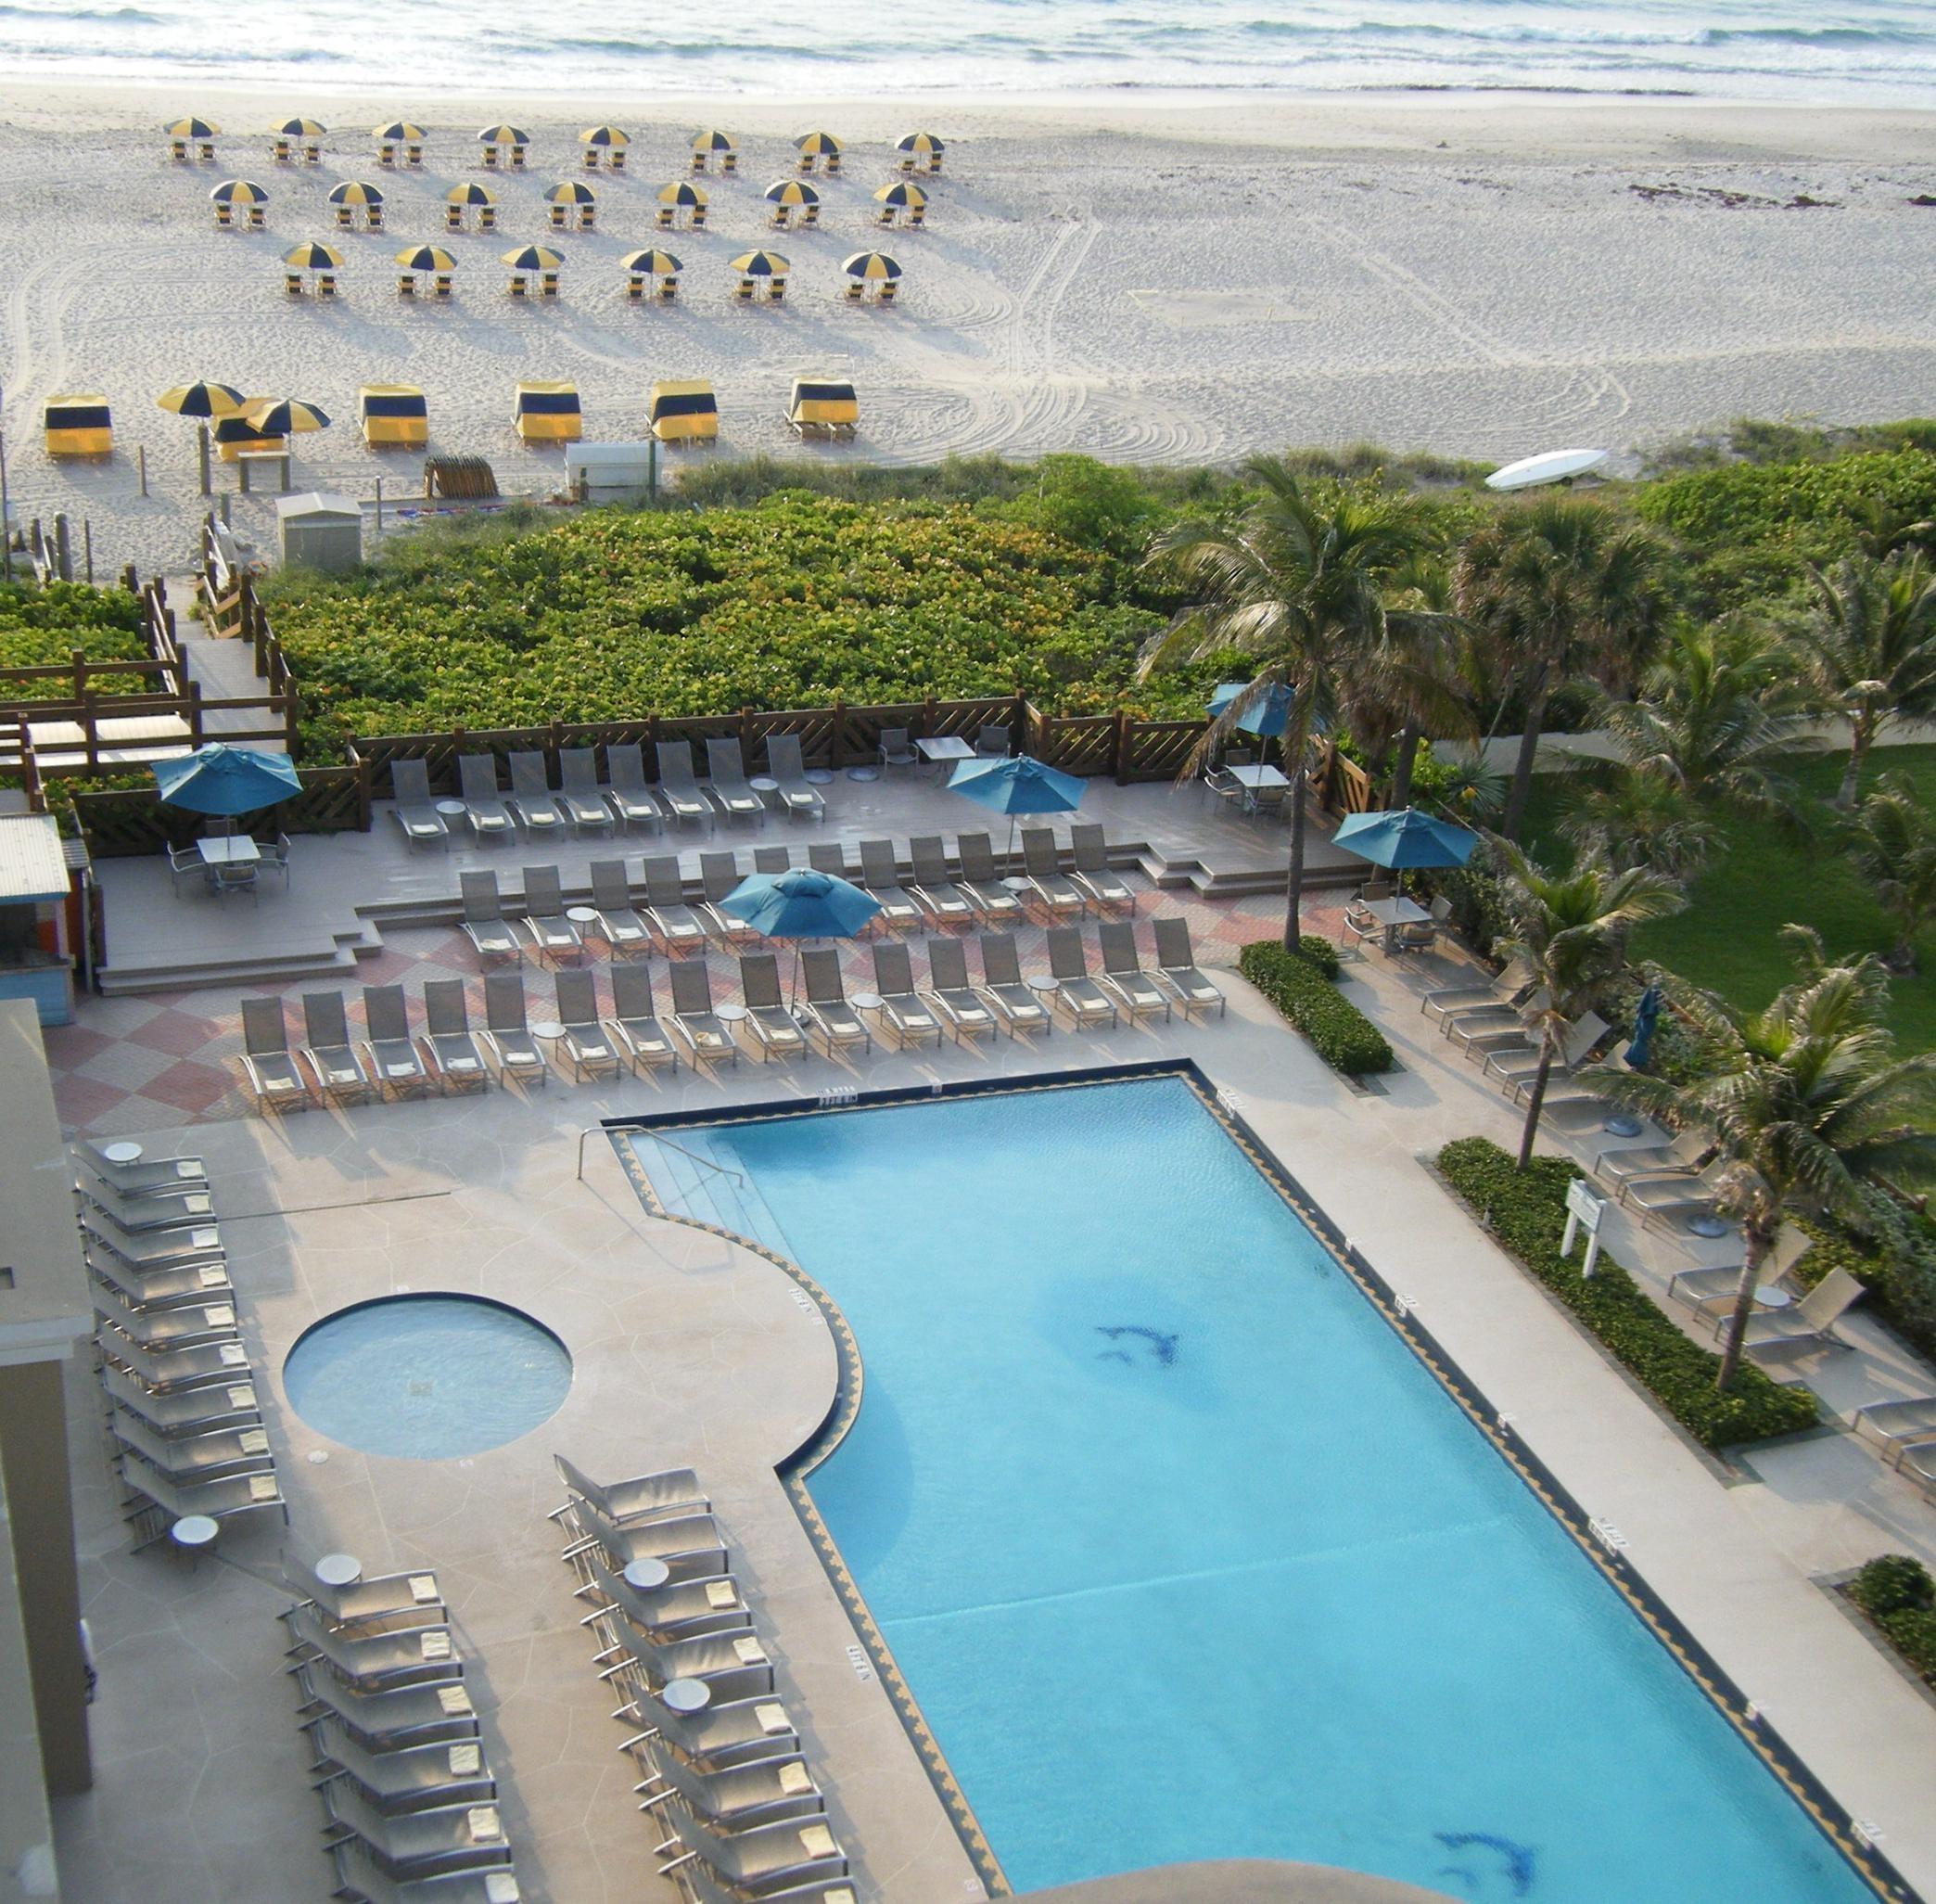 Singer Island Outdoor Center Riviera Beach Fl